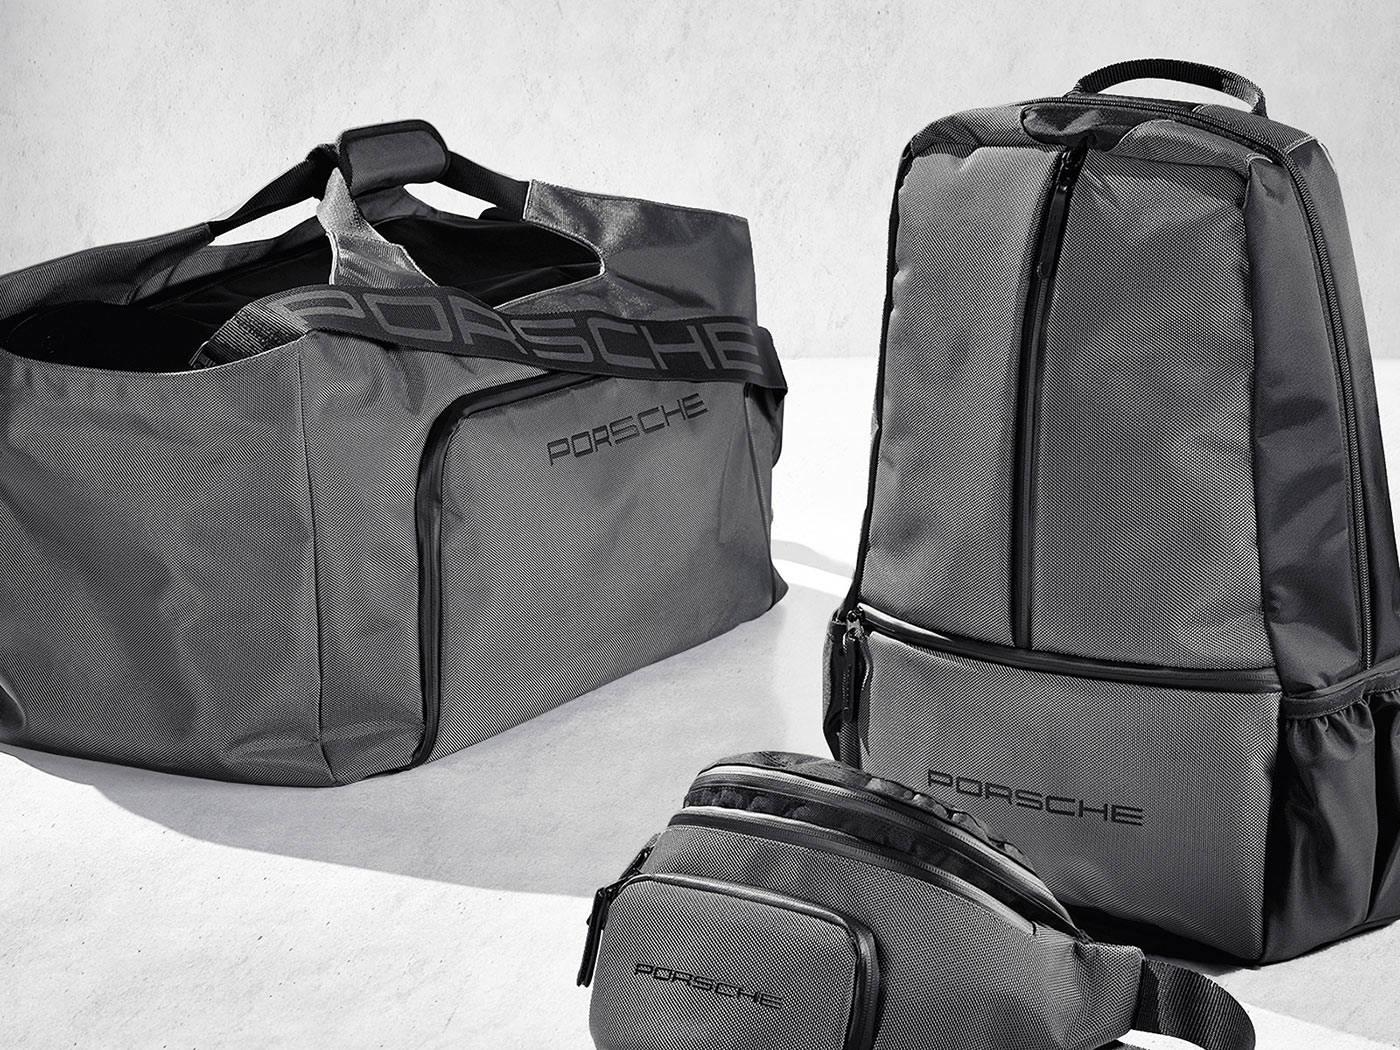 porsche sports bag and backpack envary. Black Bedroom Furniture Sets. Home Design Ideas